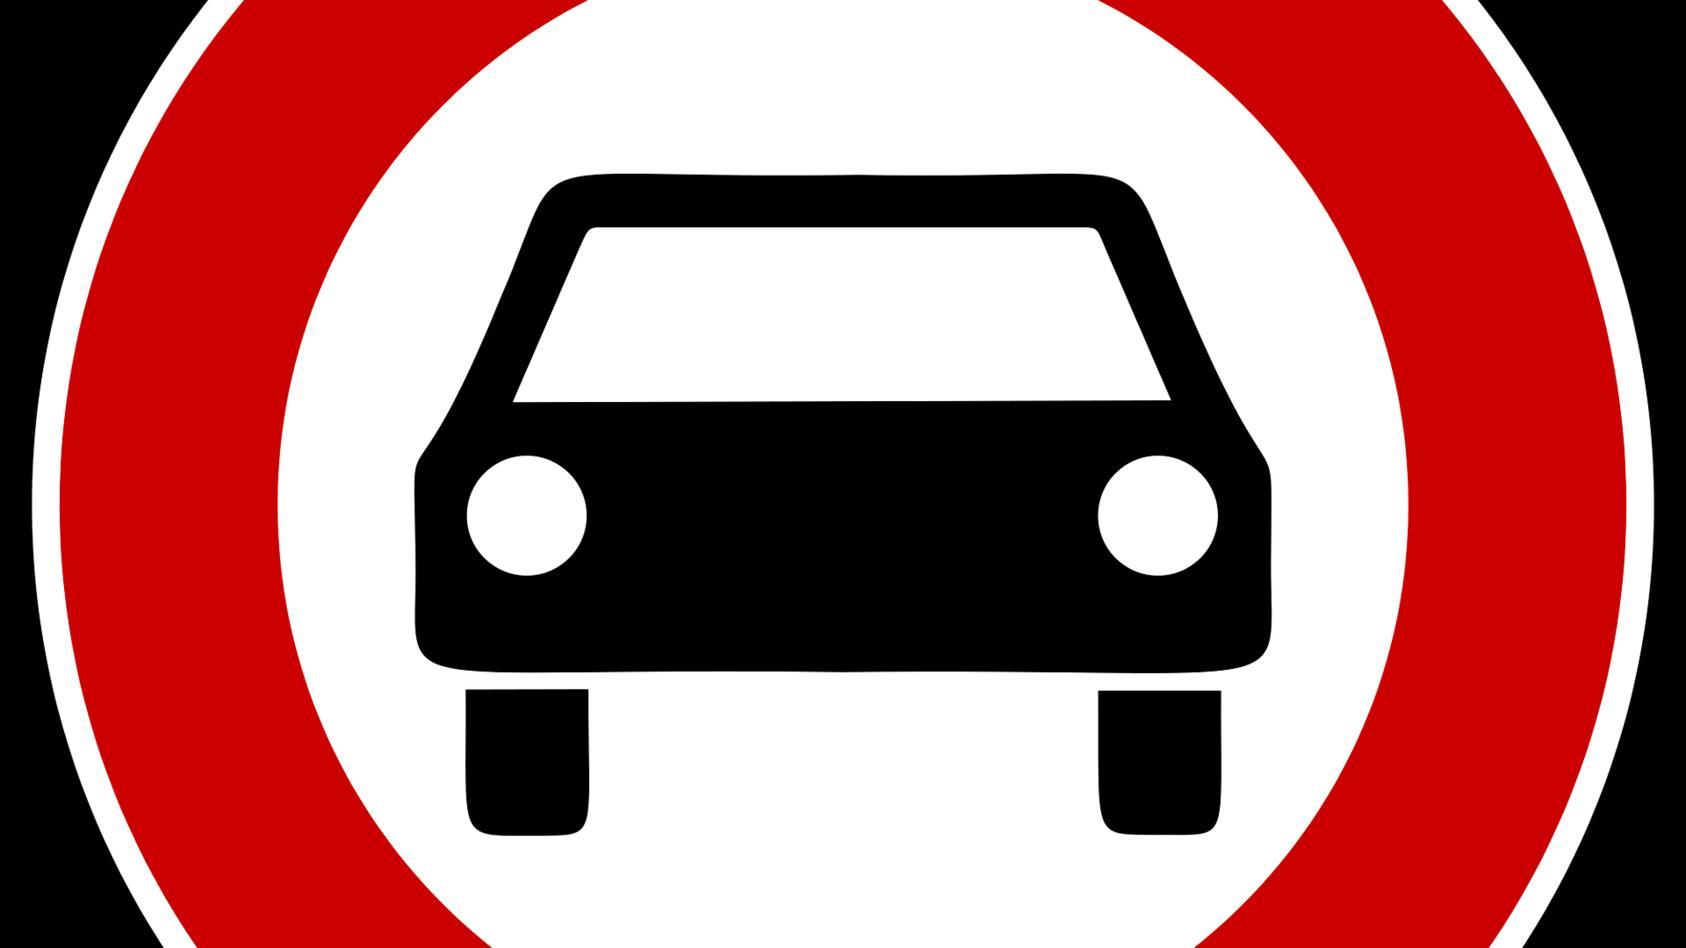 Weniger Autos, mehr Menschen - mit dieser einfach Formel wollen viele Kommunen Autos aus den Innenstädten verbannen.